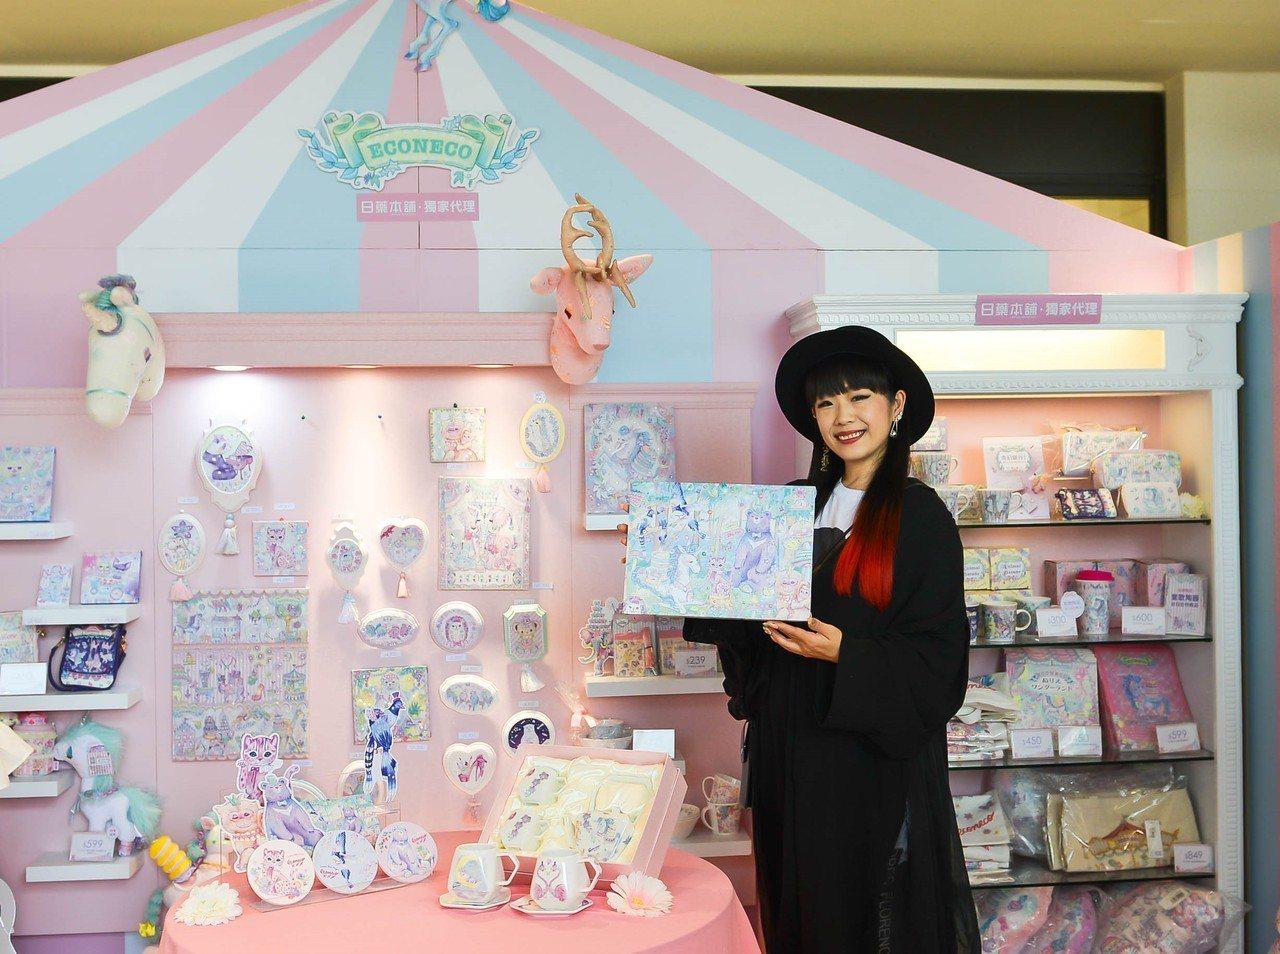 ECONECO原創插畫家「繪子貓」來台為ECONECO南西誠品快閃店舉辦簽名會,...